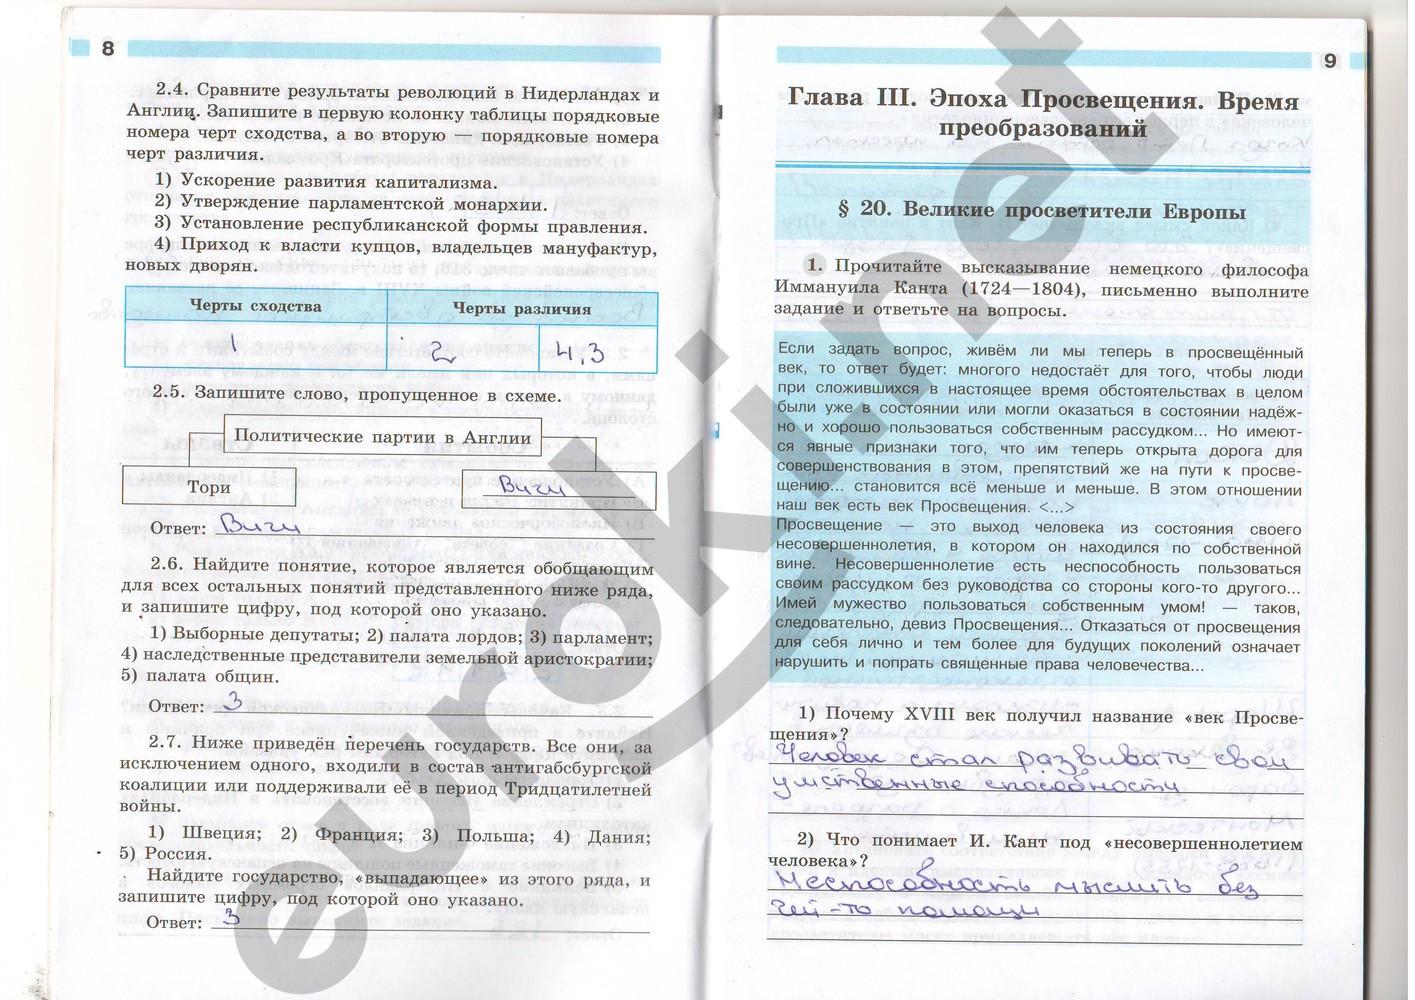 Гдз по башкирскому языку 7 класс усманова 5 класс